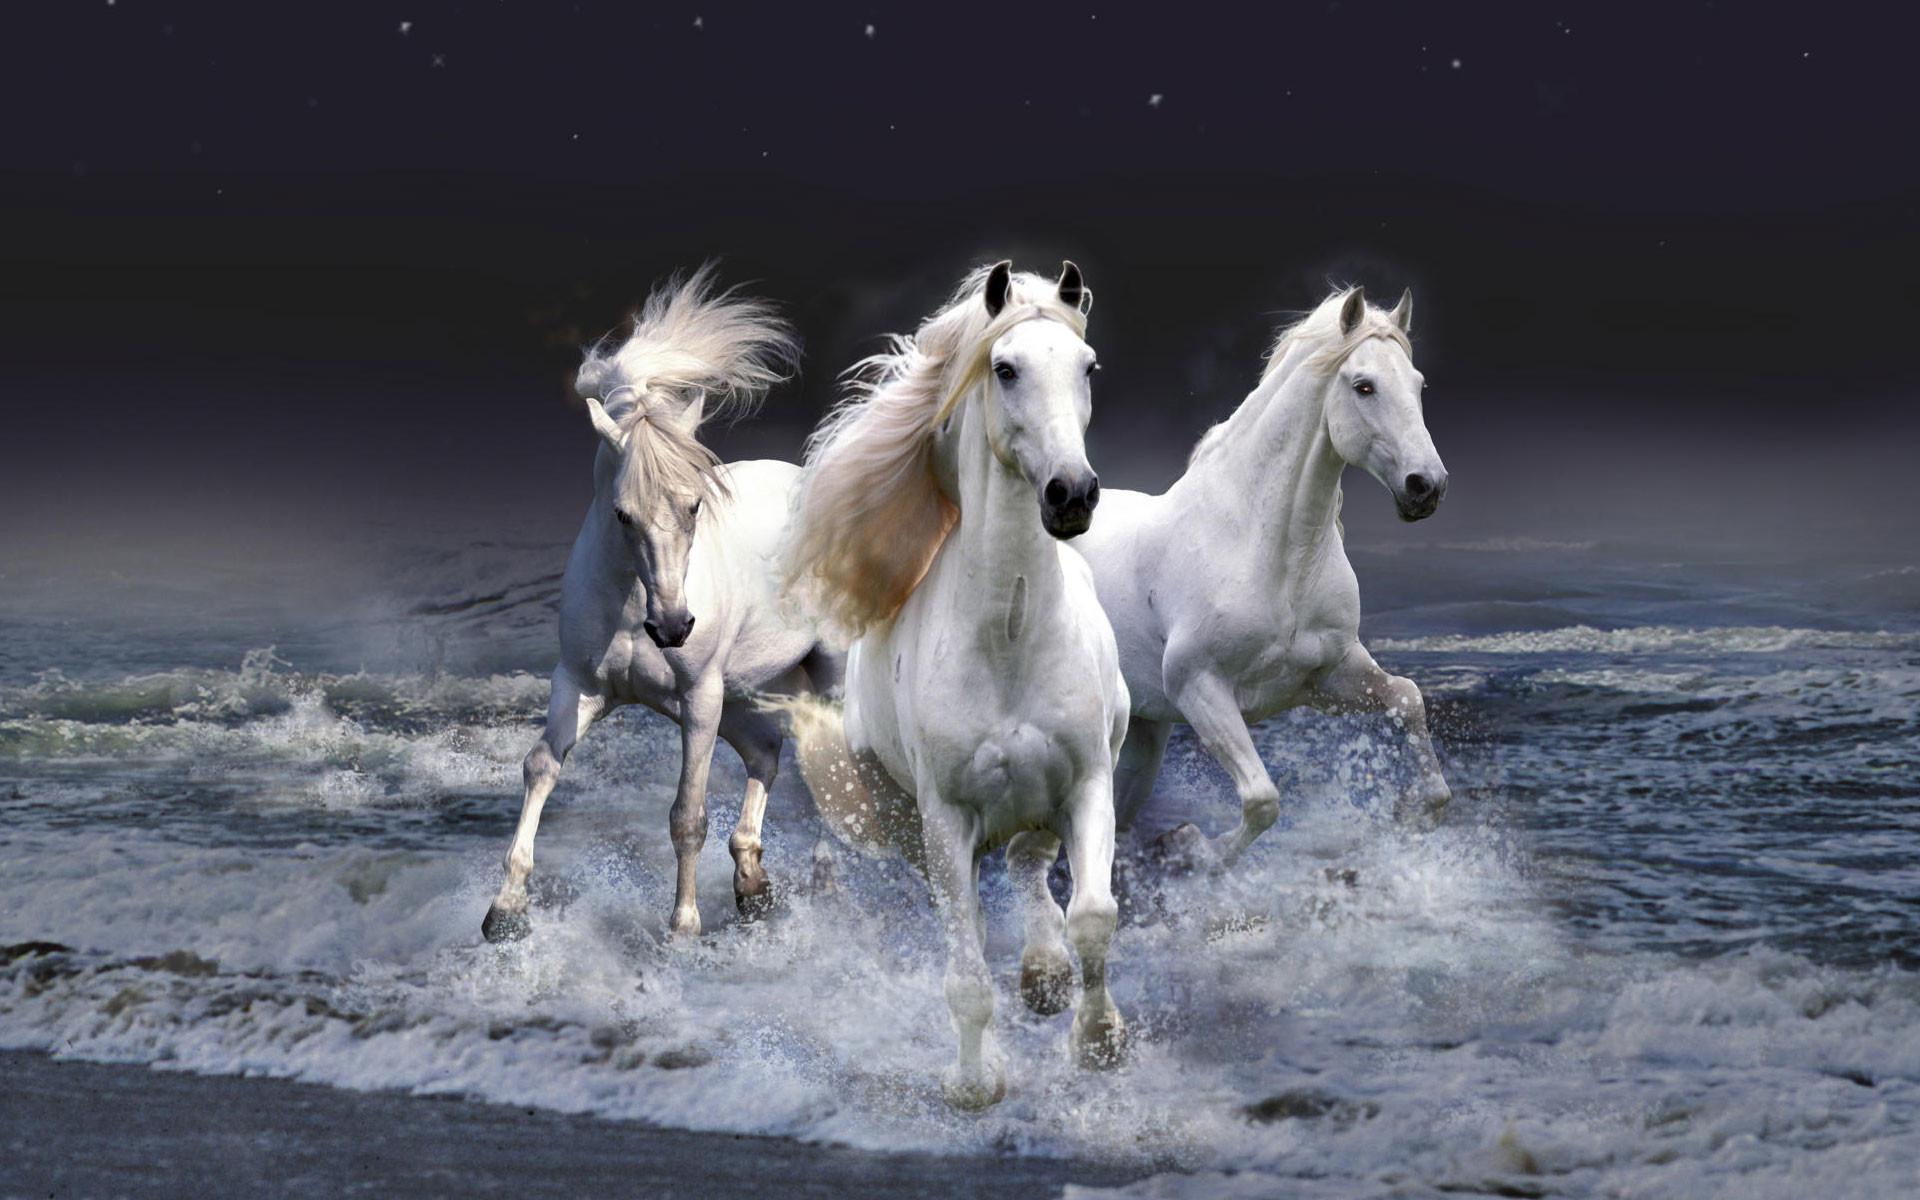 Res: 1920x1200, popular horse wallpaper hd